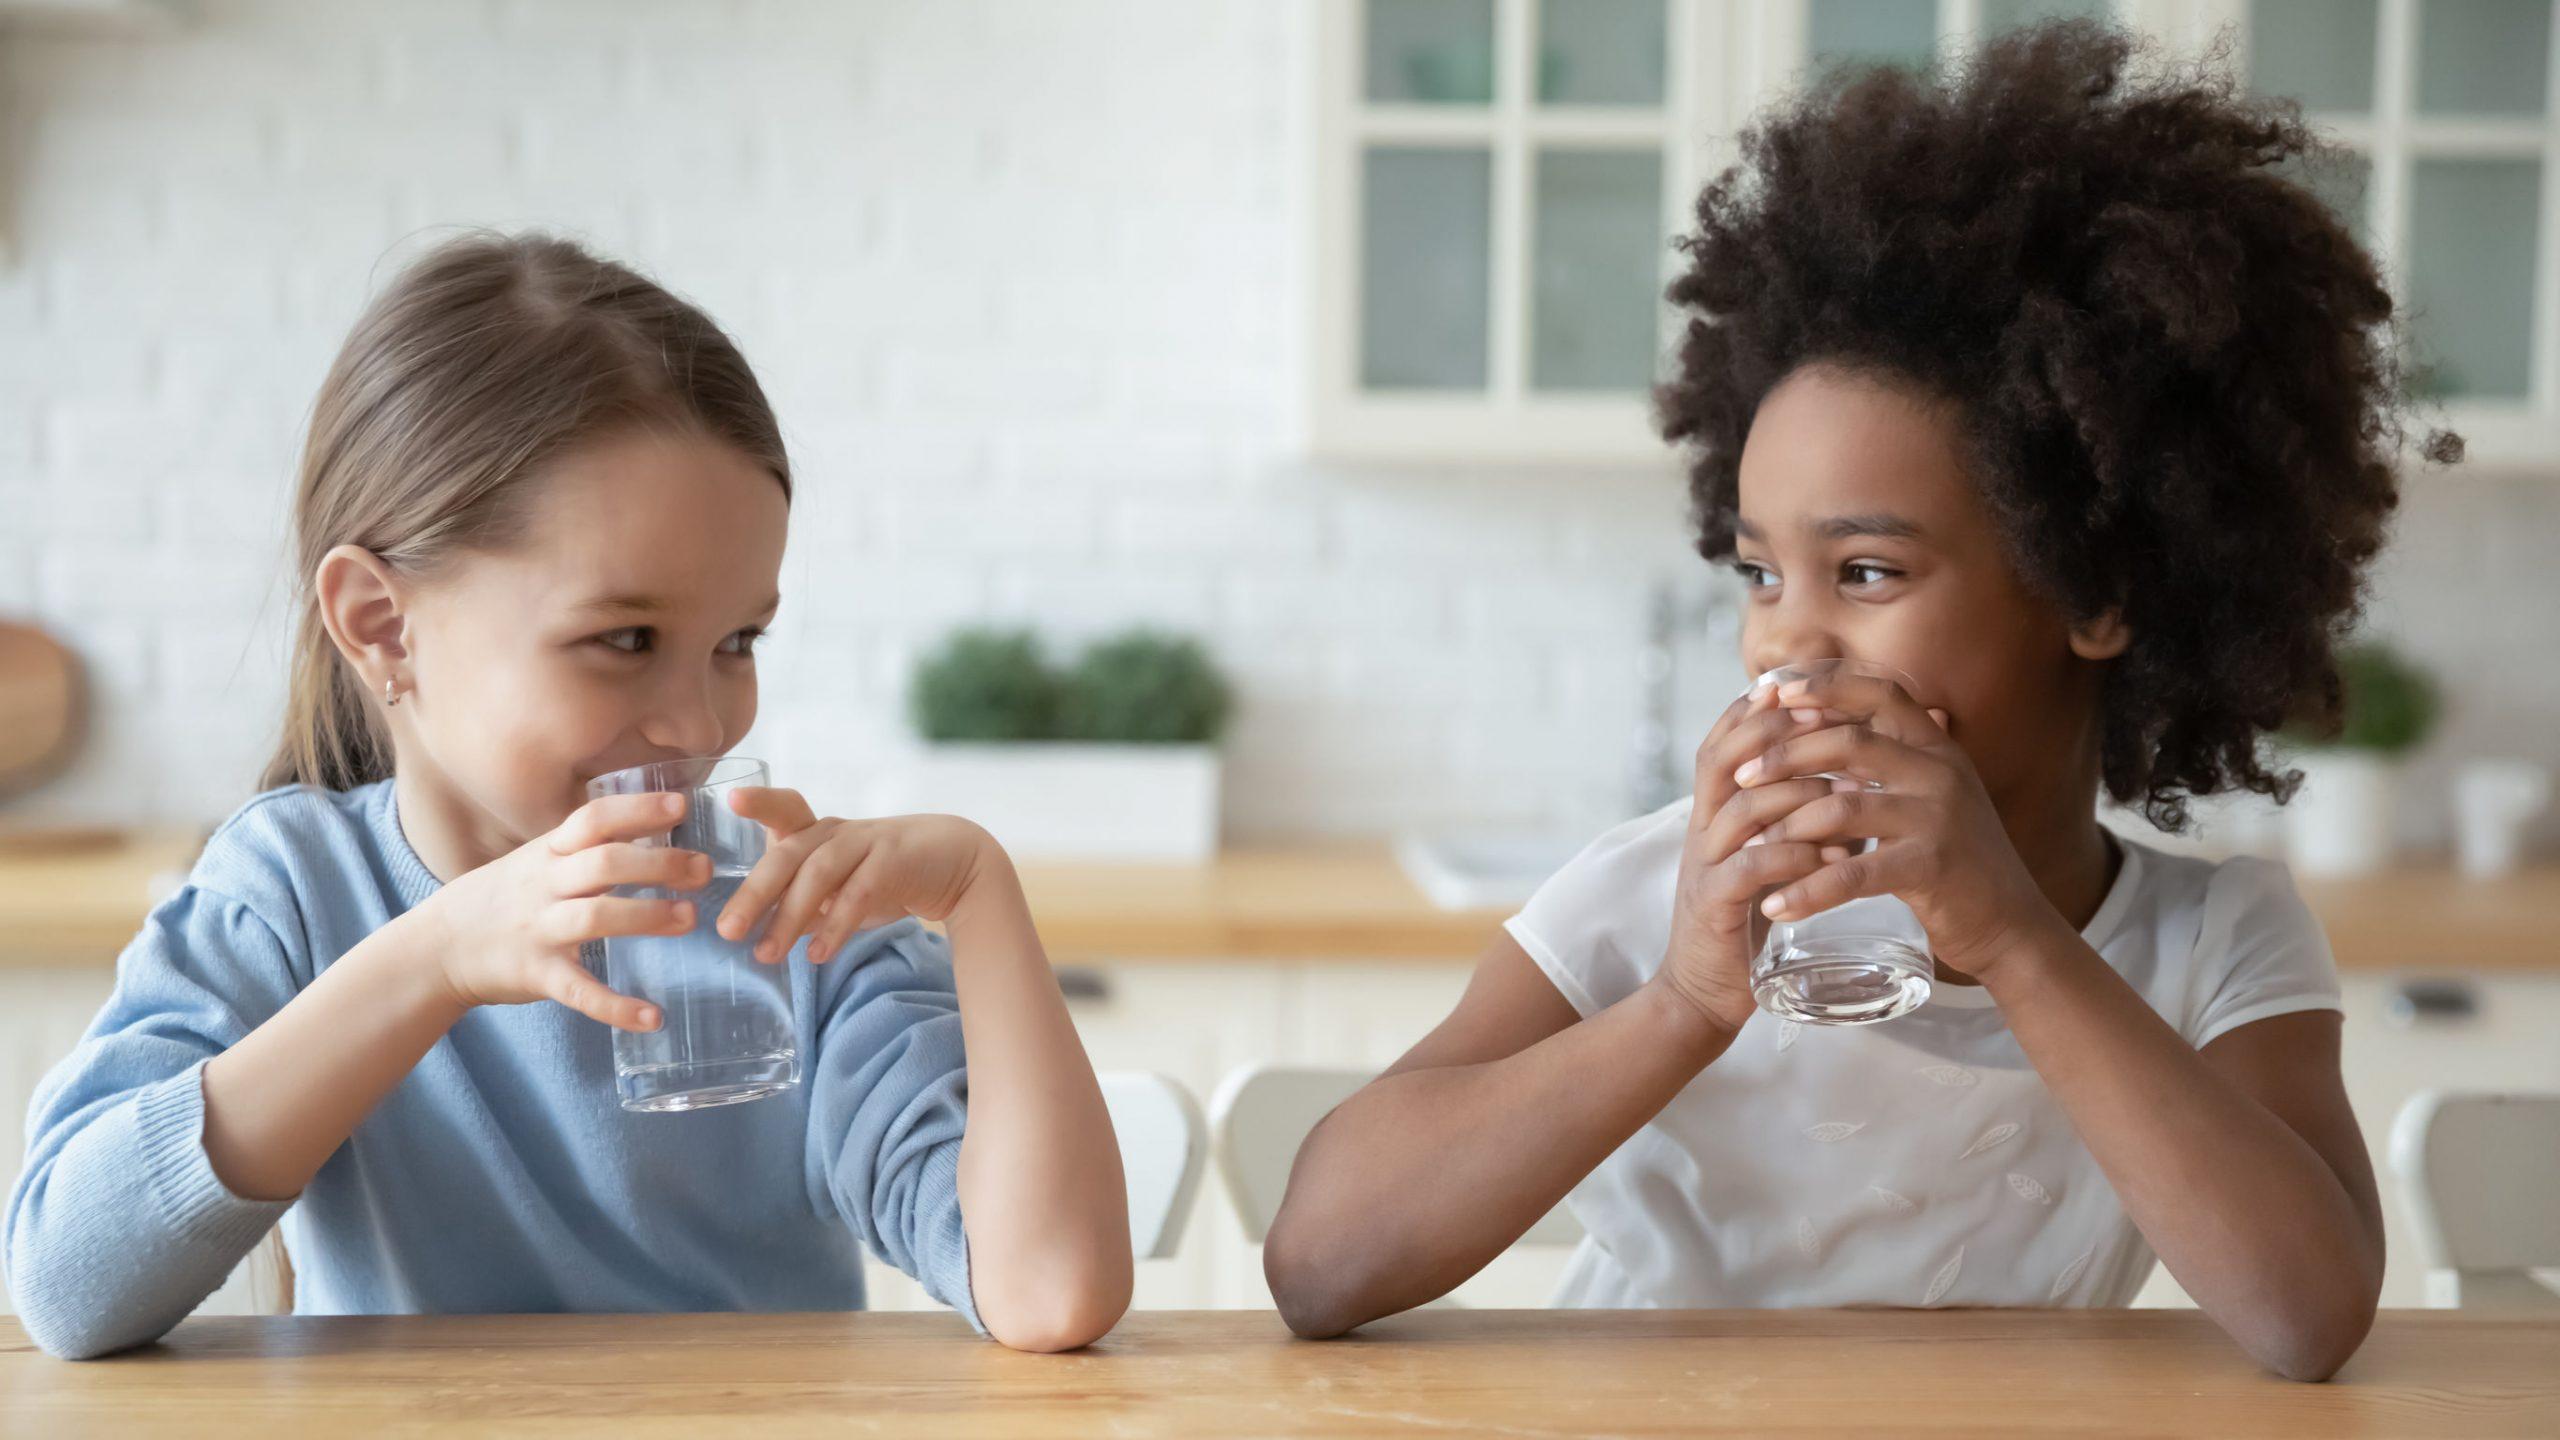 Dos niñas bebiendo agua